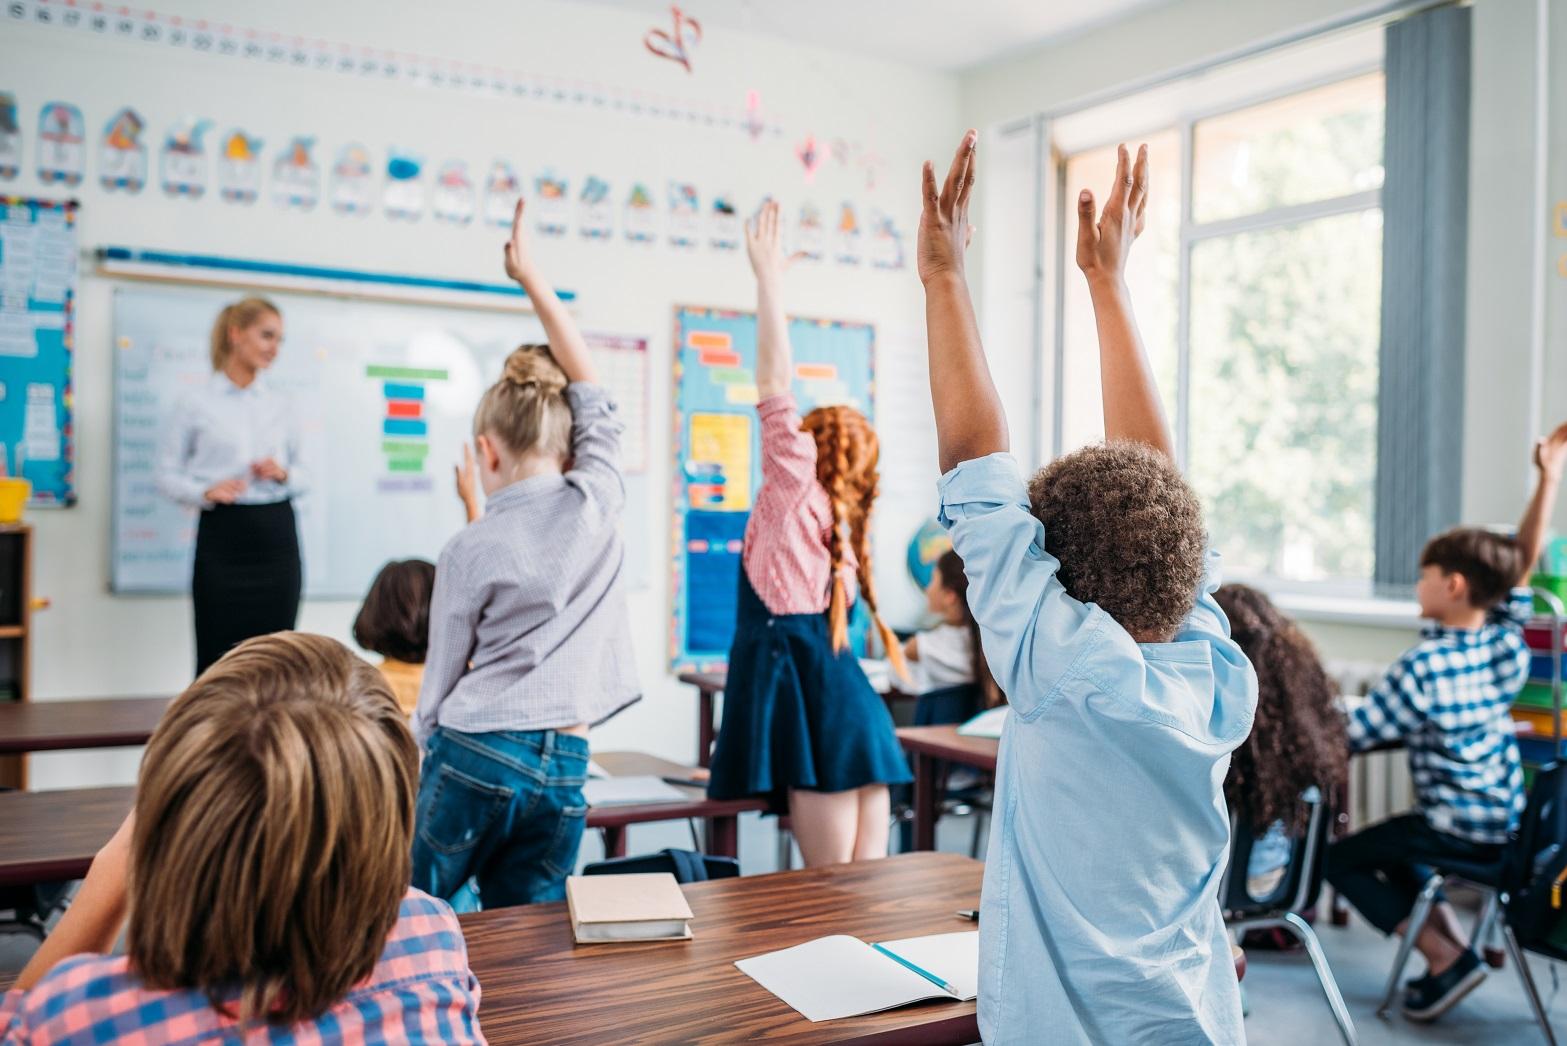 jak oswoić szkołę, adaptacja szkolna